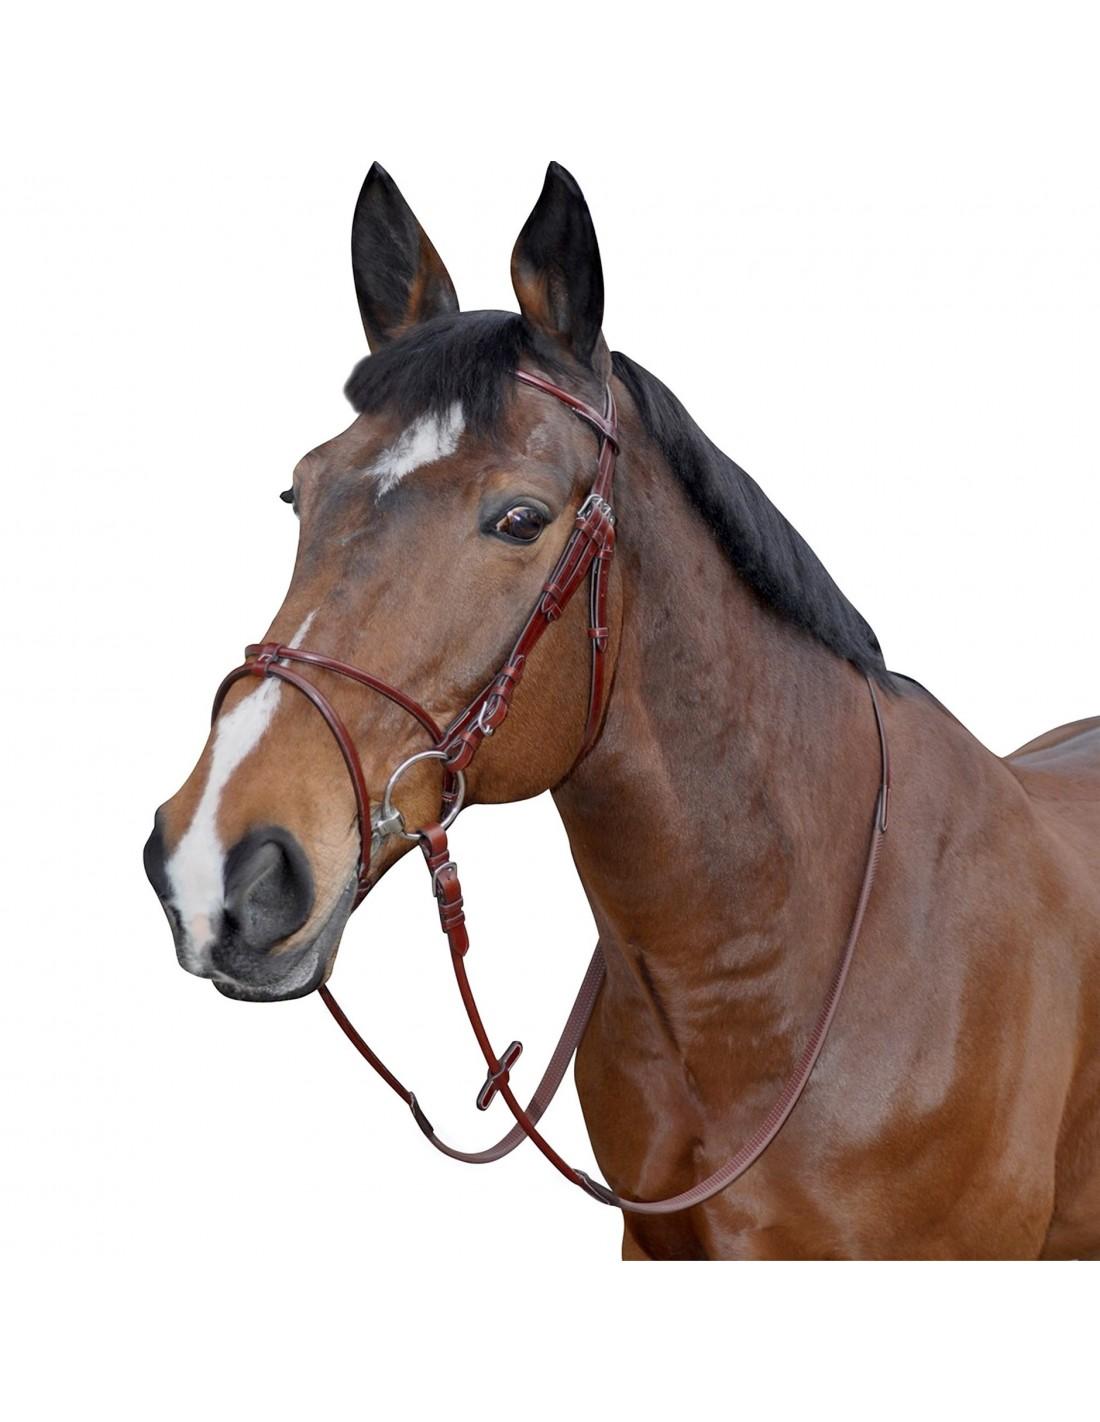 una cabezada de salto simple marca atlanta en un caballo marrón.